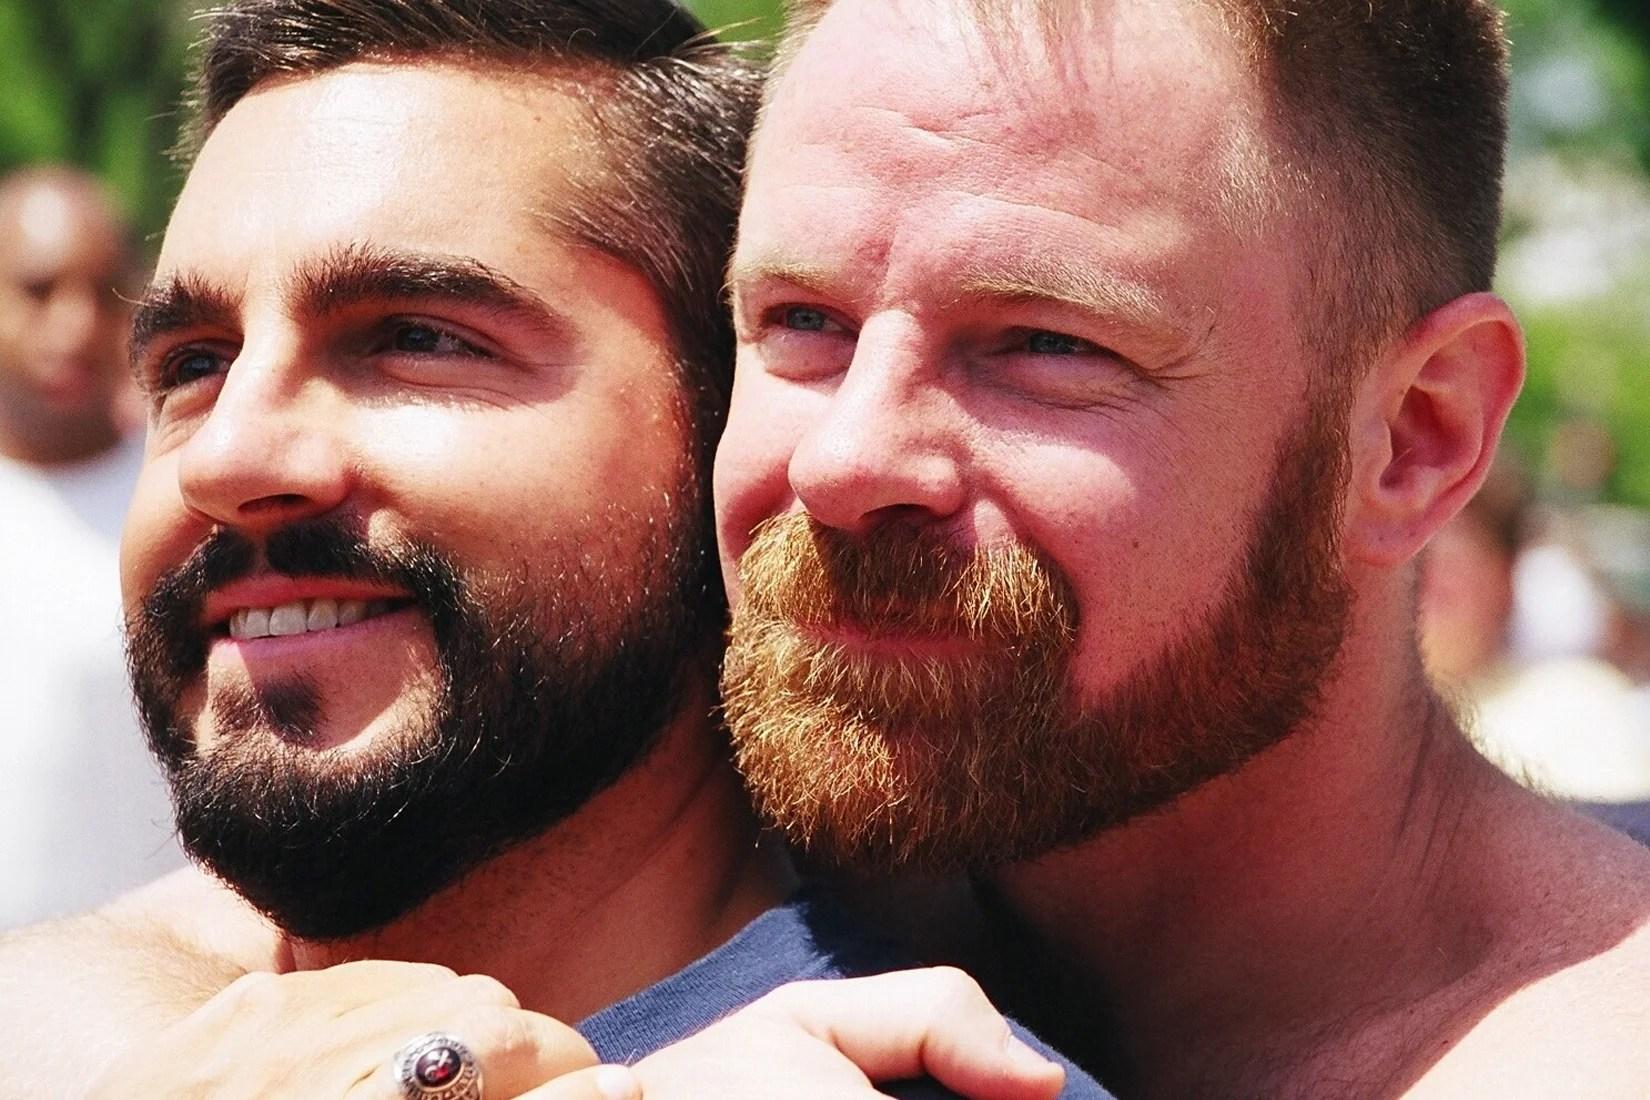 Gay, Bi, Queer Beards